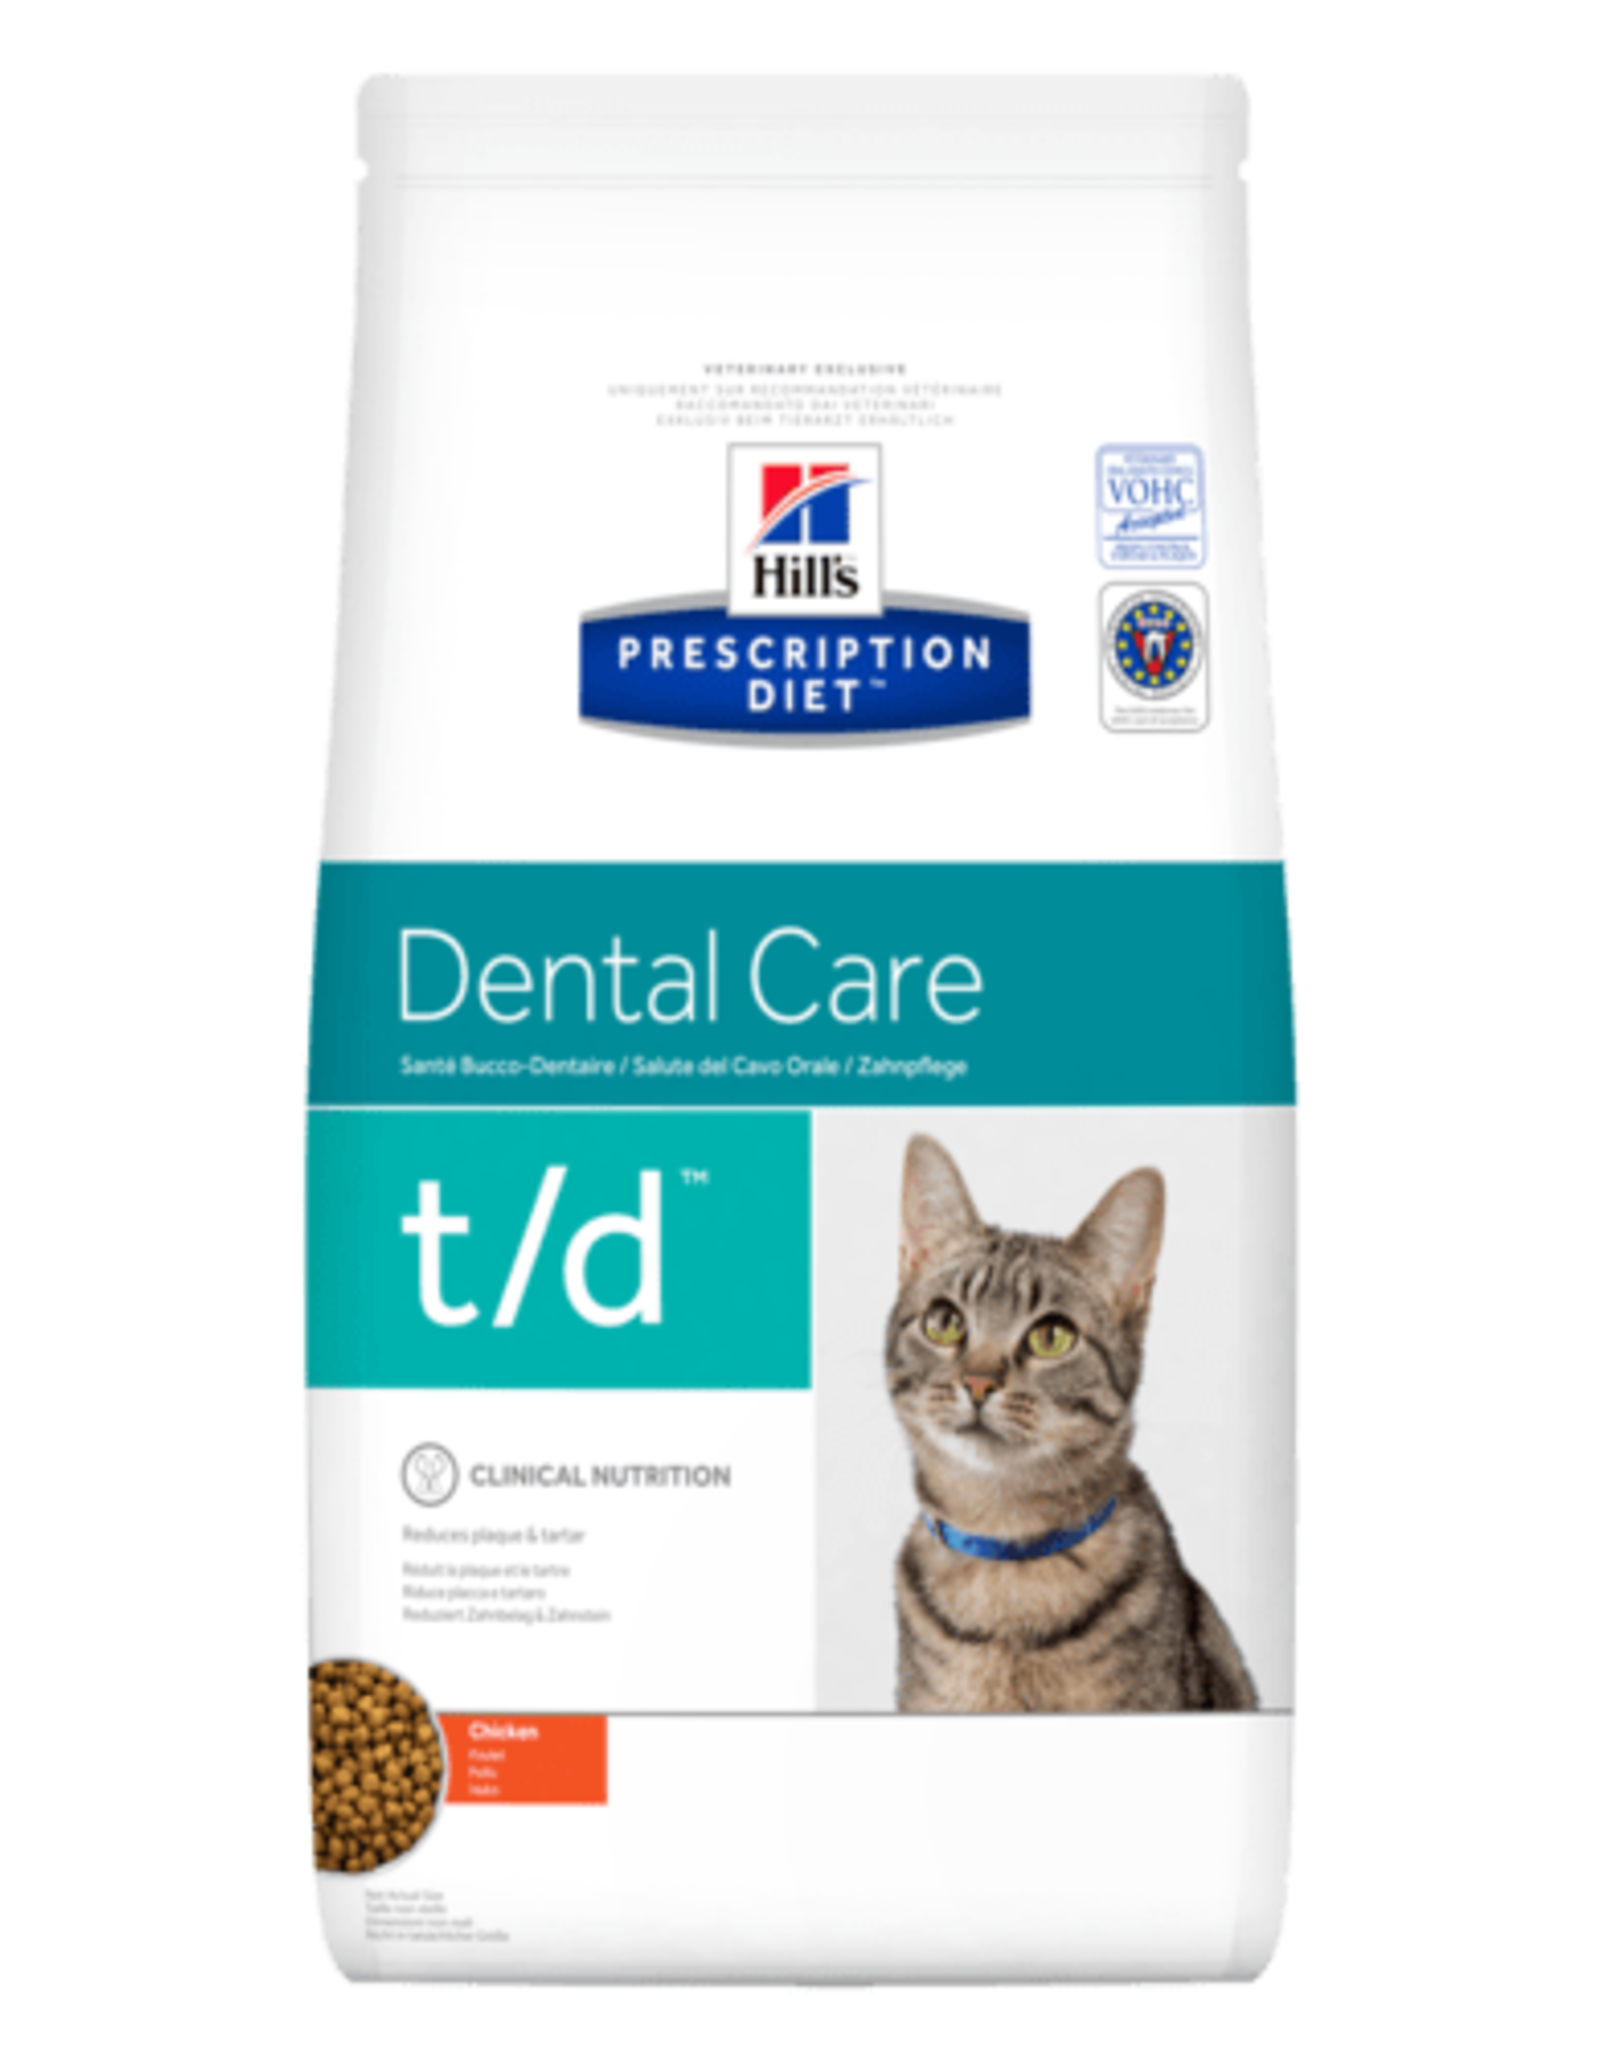 Hill's Hill's Prescription Diet T/d  Katze 1,5kg